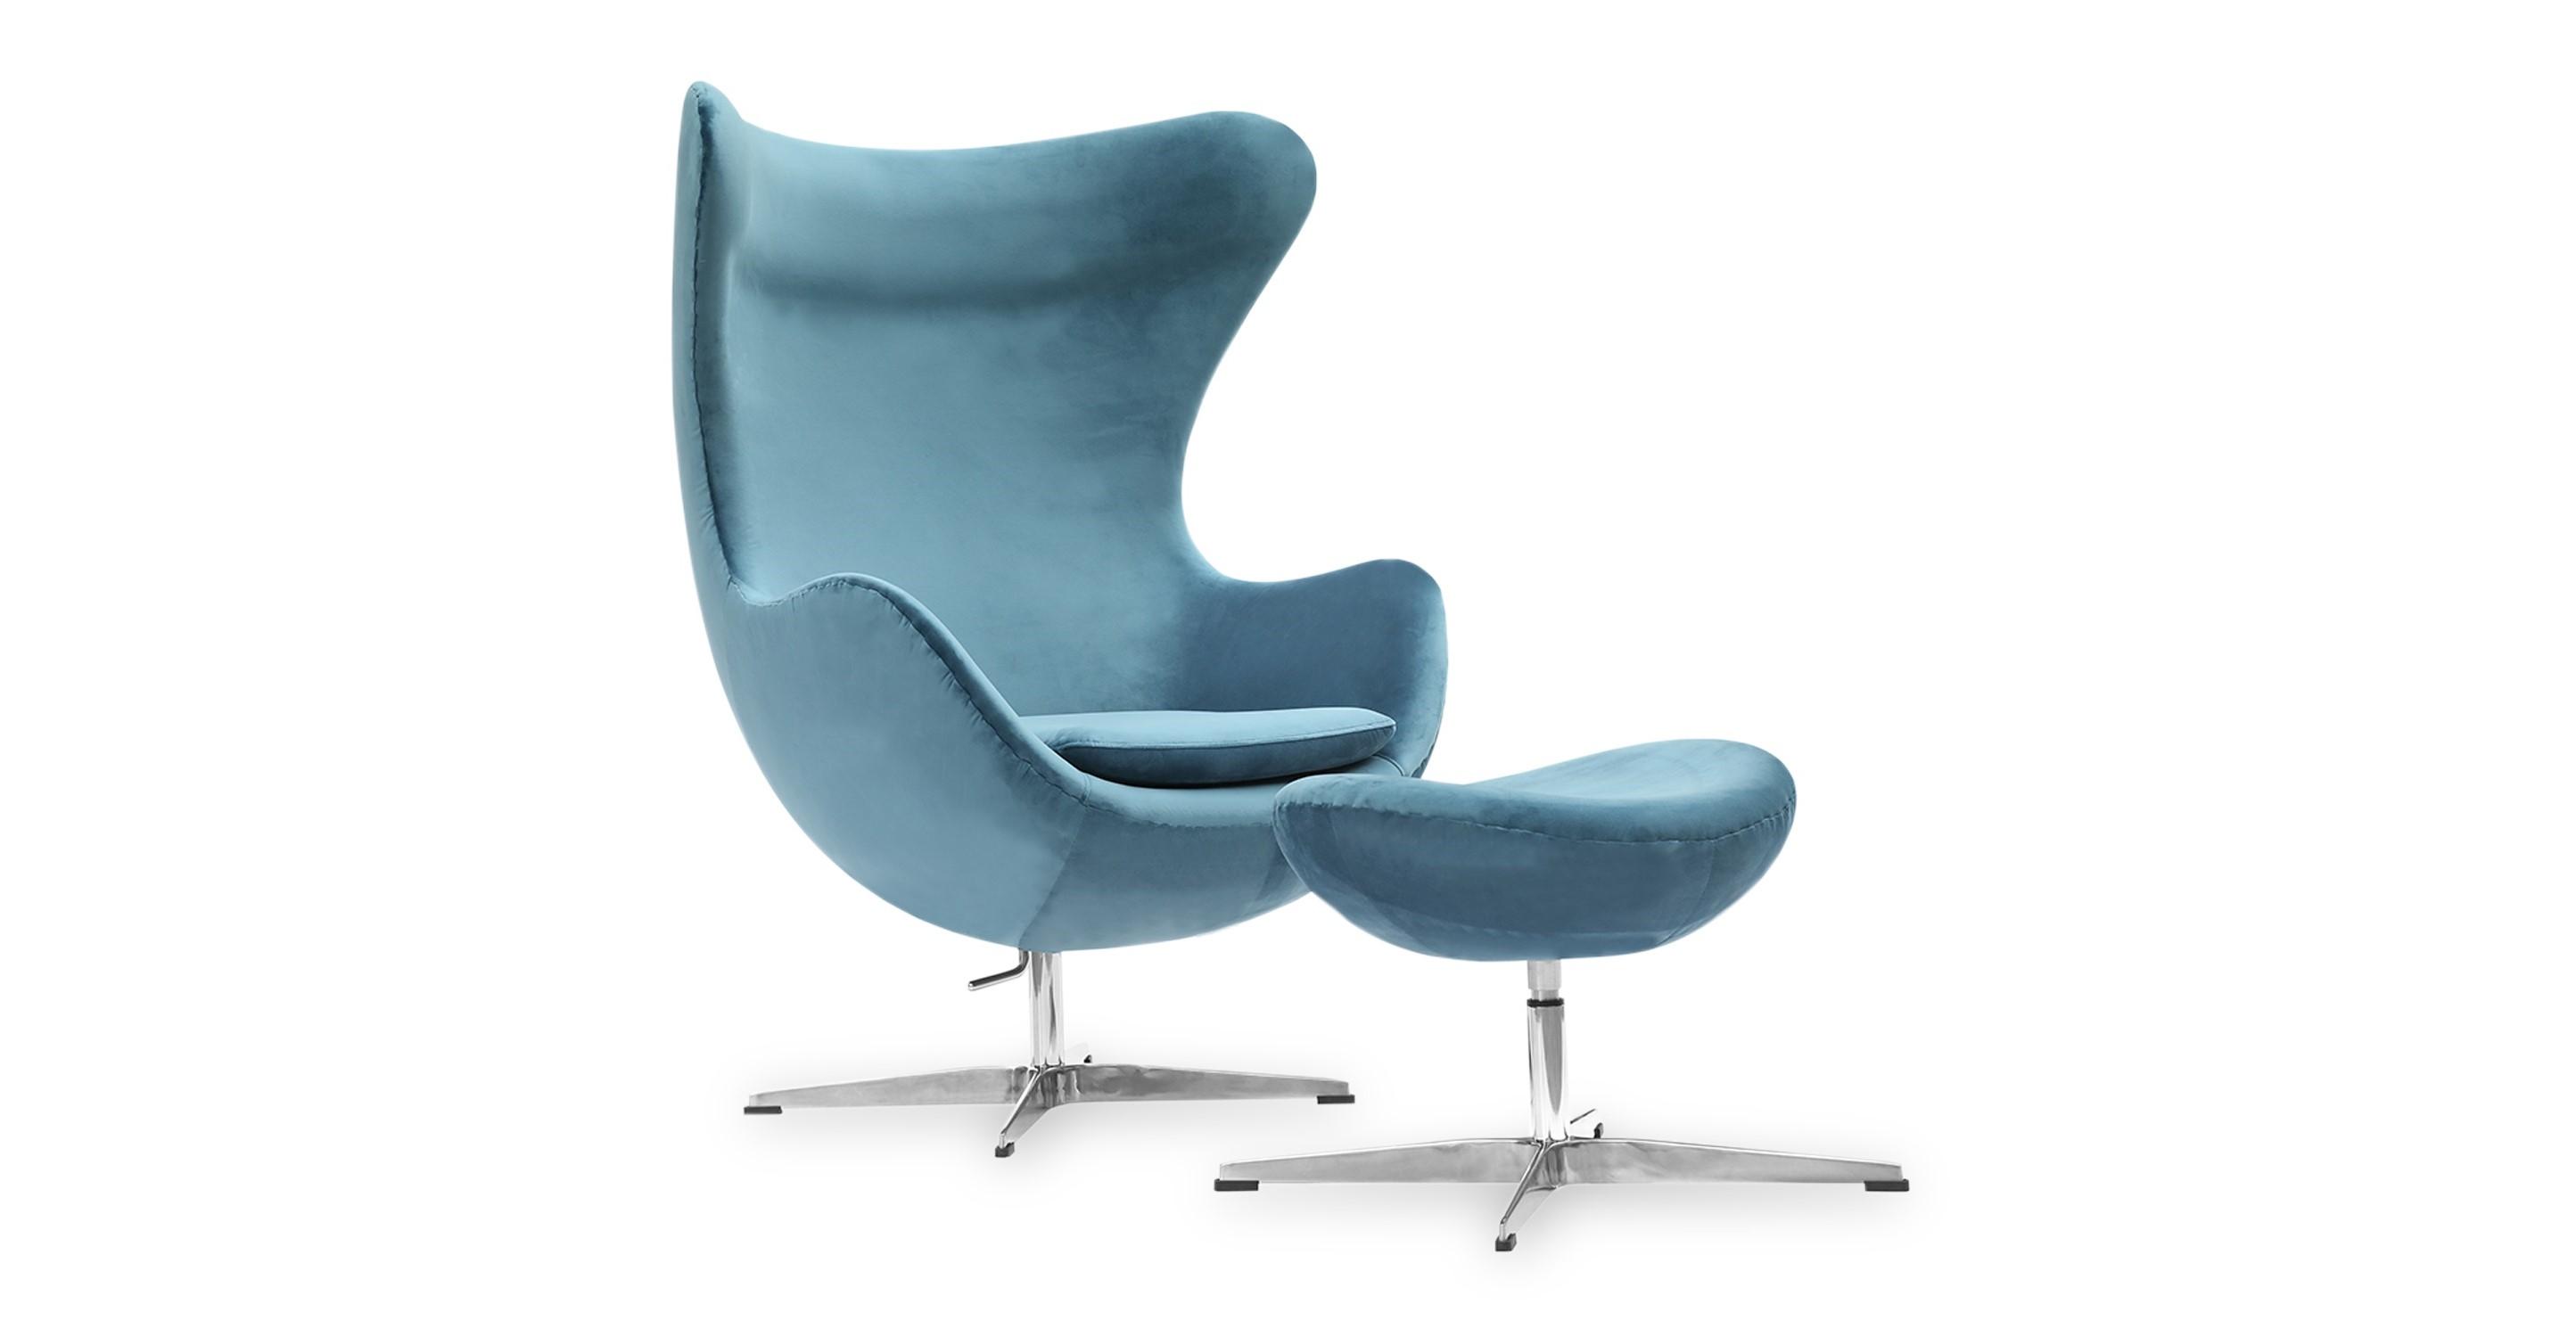 Amoeba Swivel Fabric Chair & Ottoman, Blue Nile Velvet